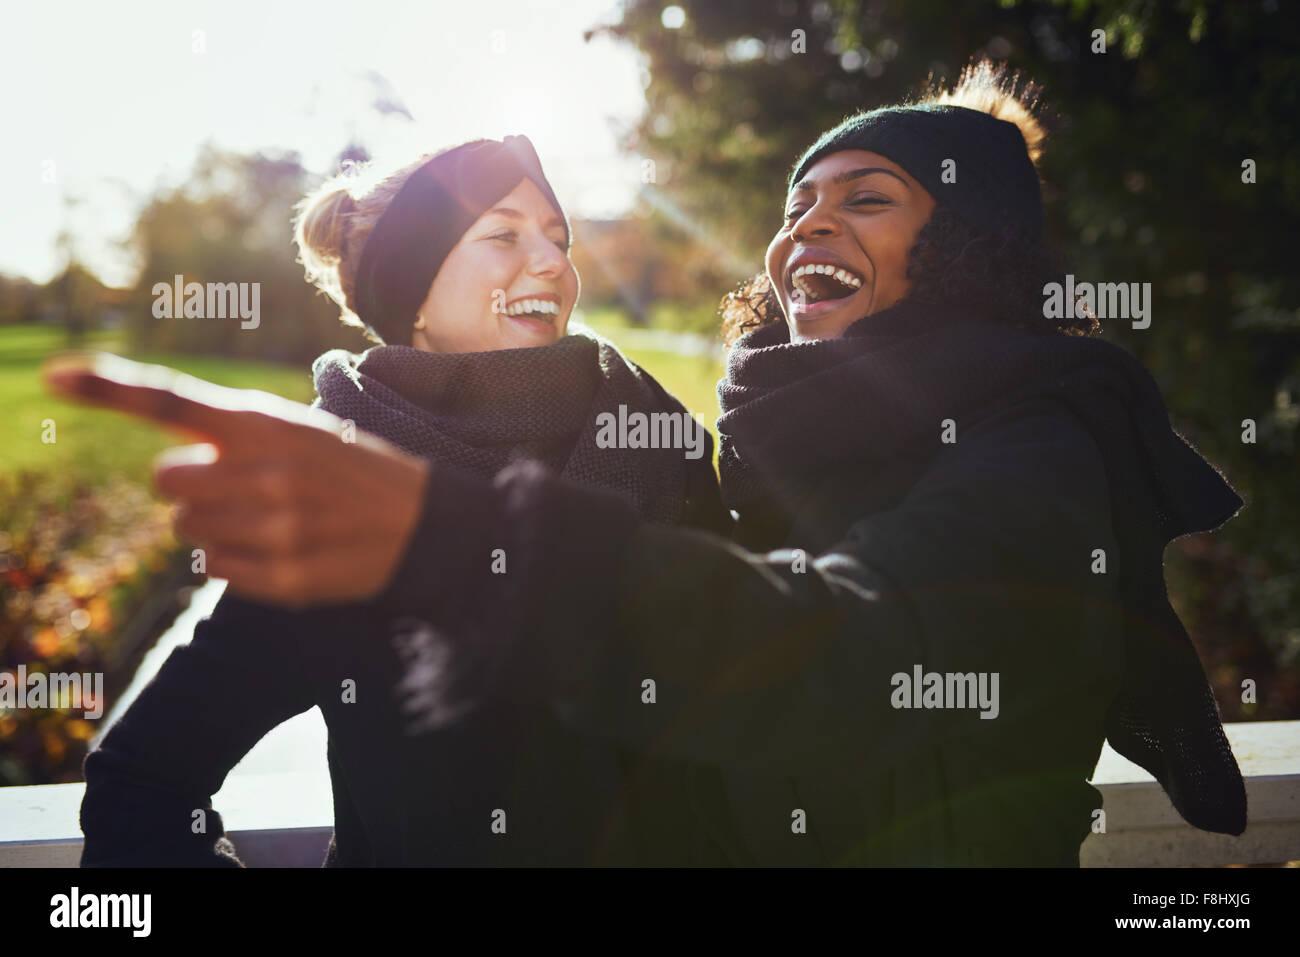 Dos mujeres riendo de algo mientras está de pie en el parque Imagen De Stock